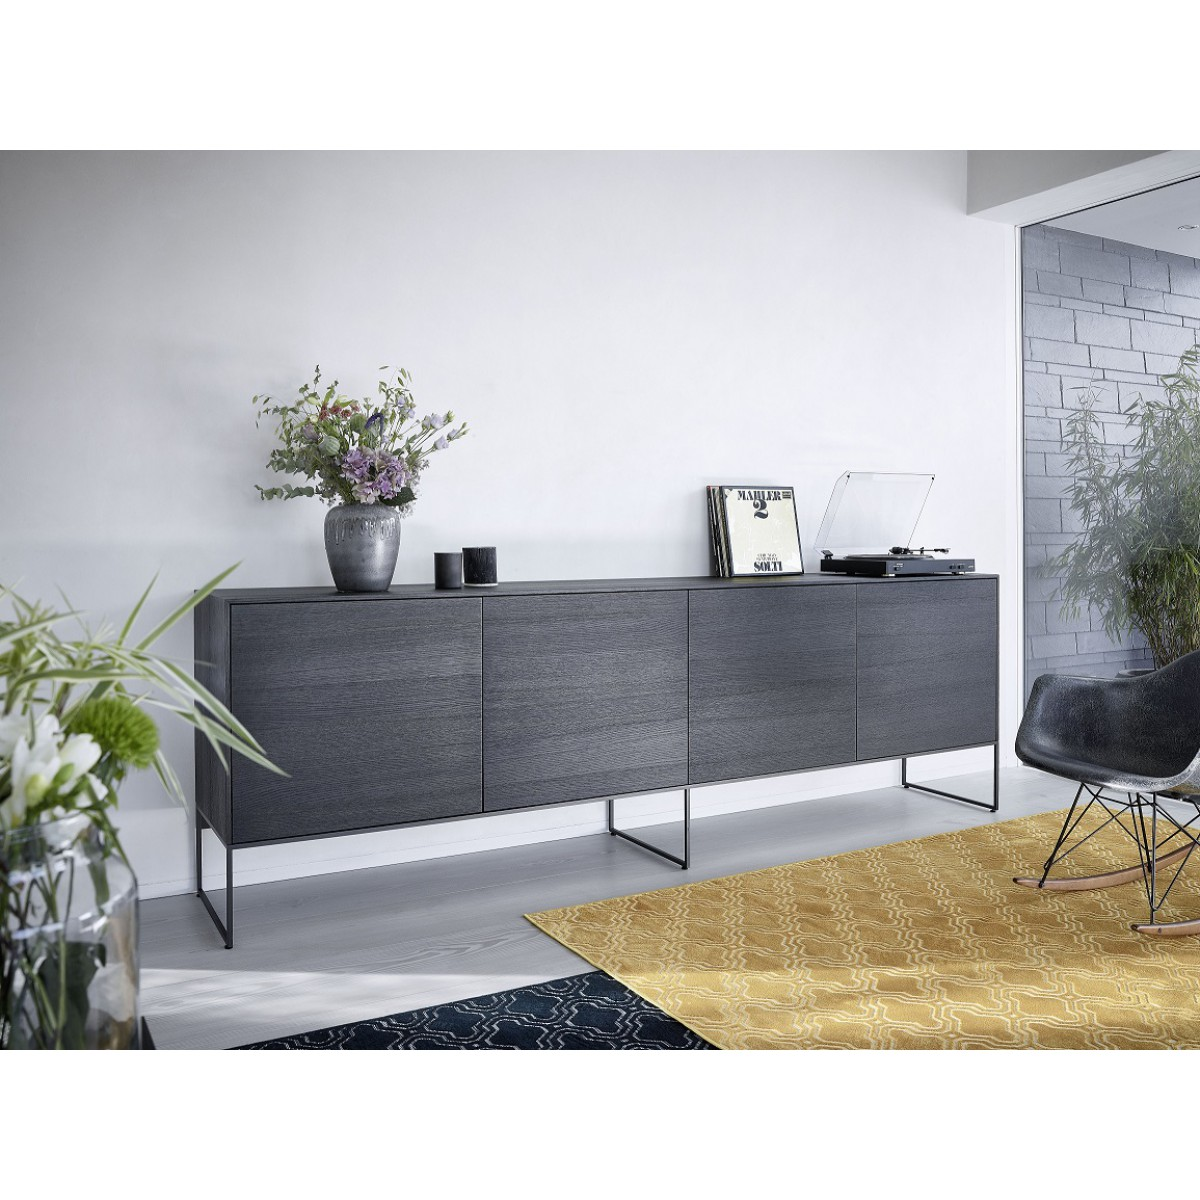 dressoir-4drs-int22-220cm-Intense-Mintjens-eiken-zwart-miltonhouse